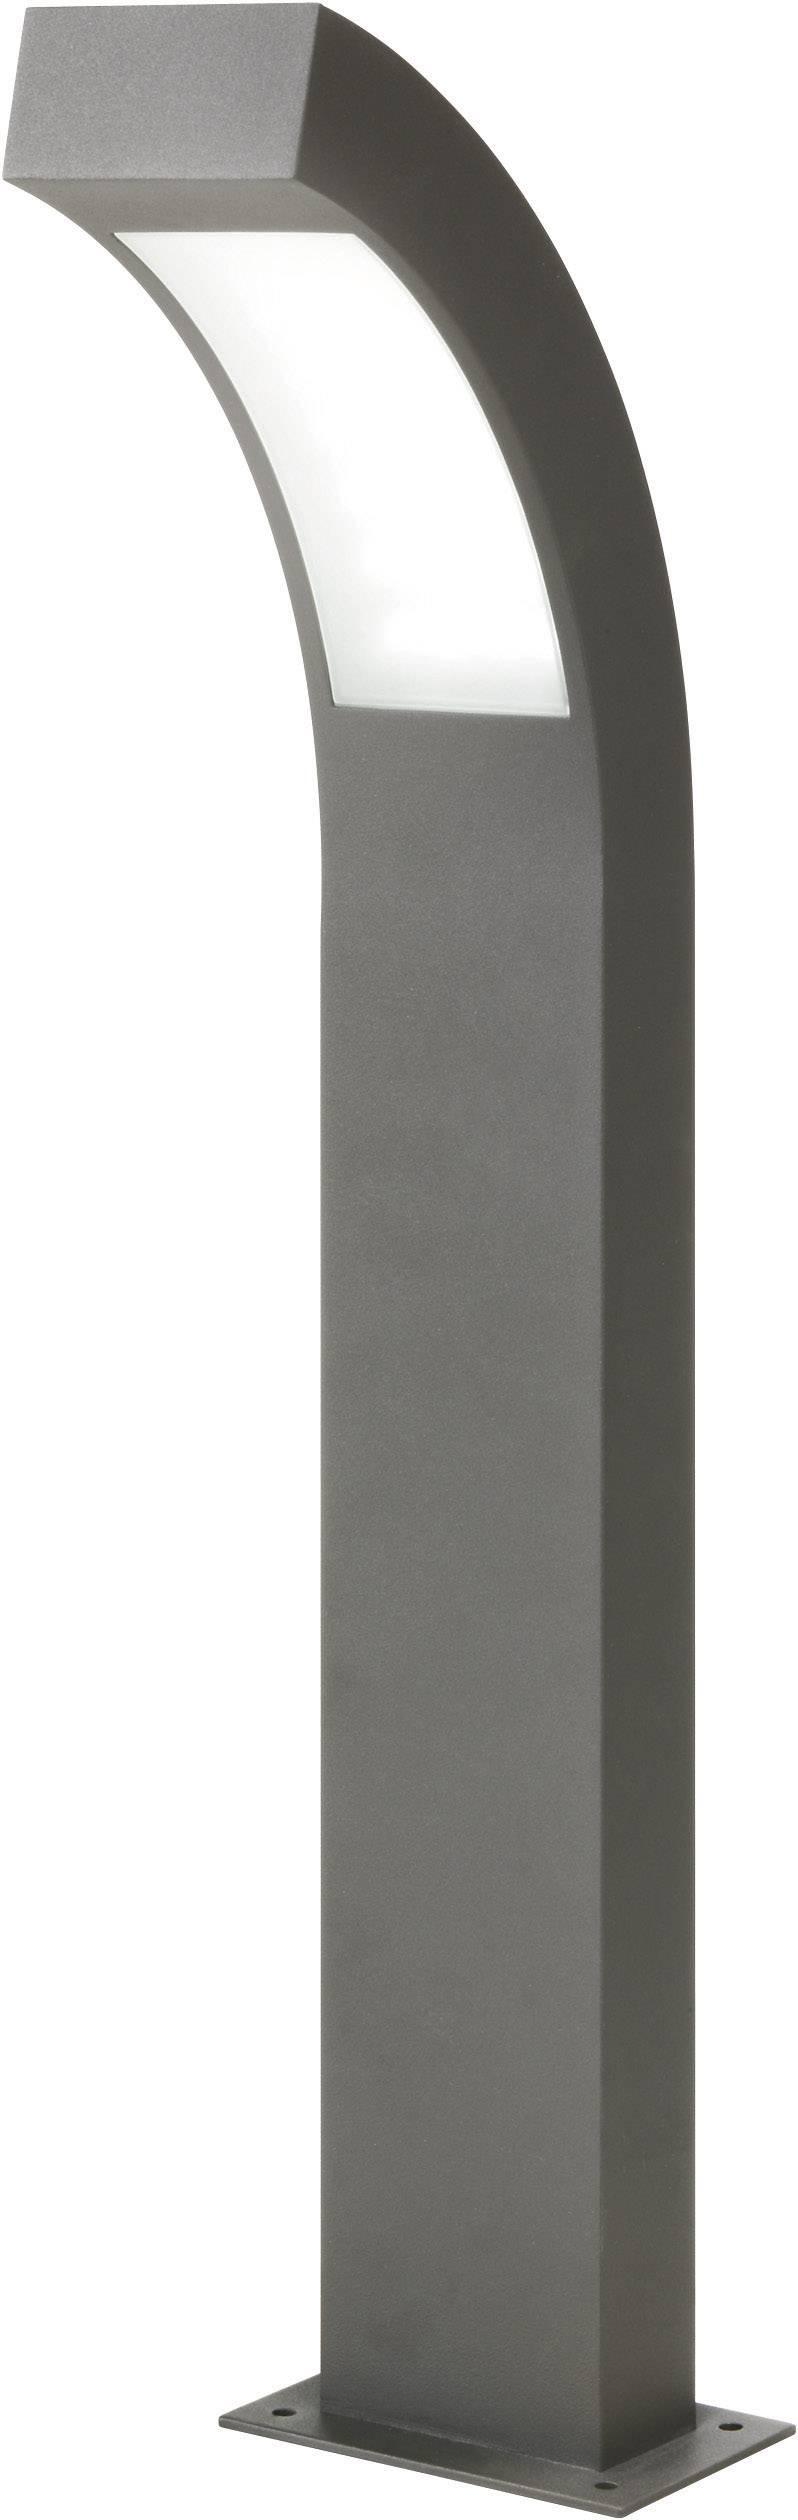 LEDvonkajšiastojaca lampa Esotec Line 105190, 4.5 W, denné svetlo, 60 cm, antracitová